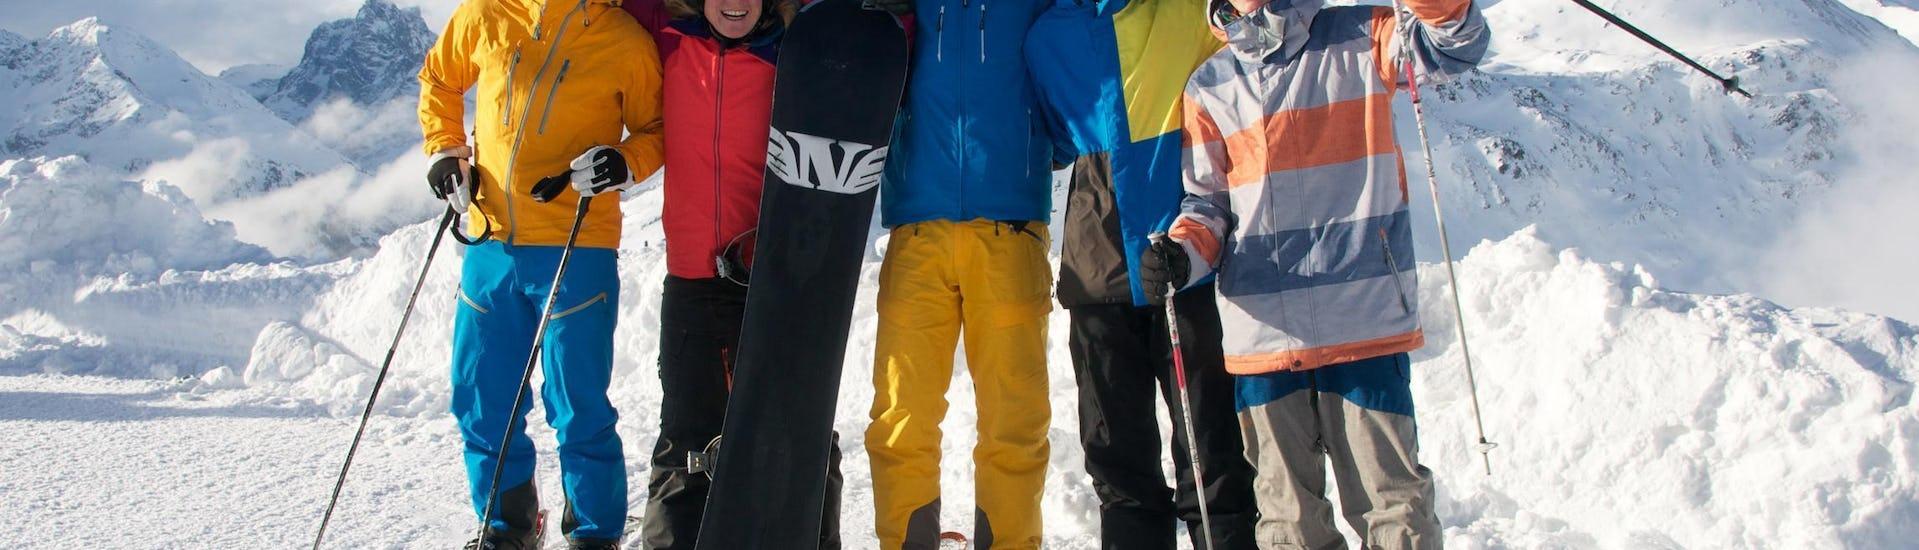 Schnupperkurs Ski Alpin für Erwachsene